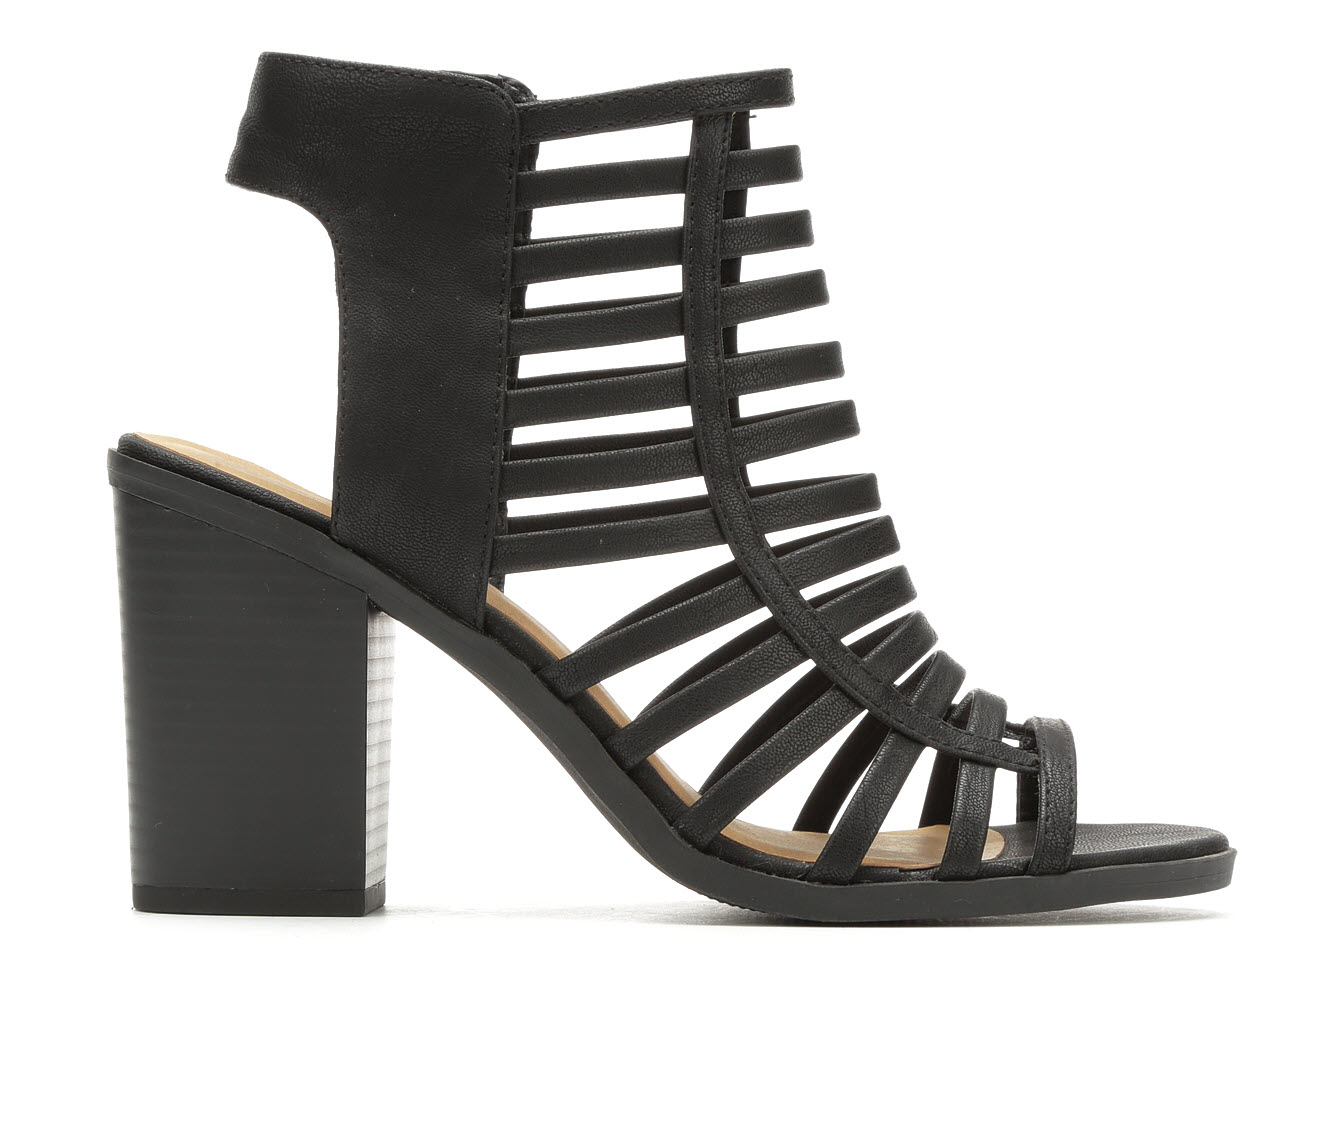 Soda Depth Women's Dress Shoe (Black Faux Leather)